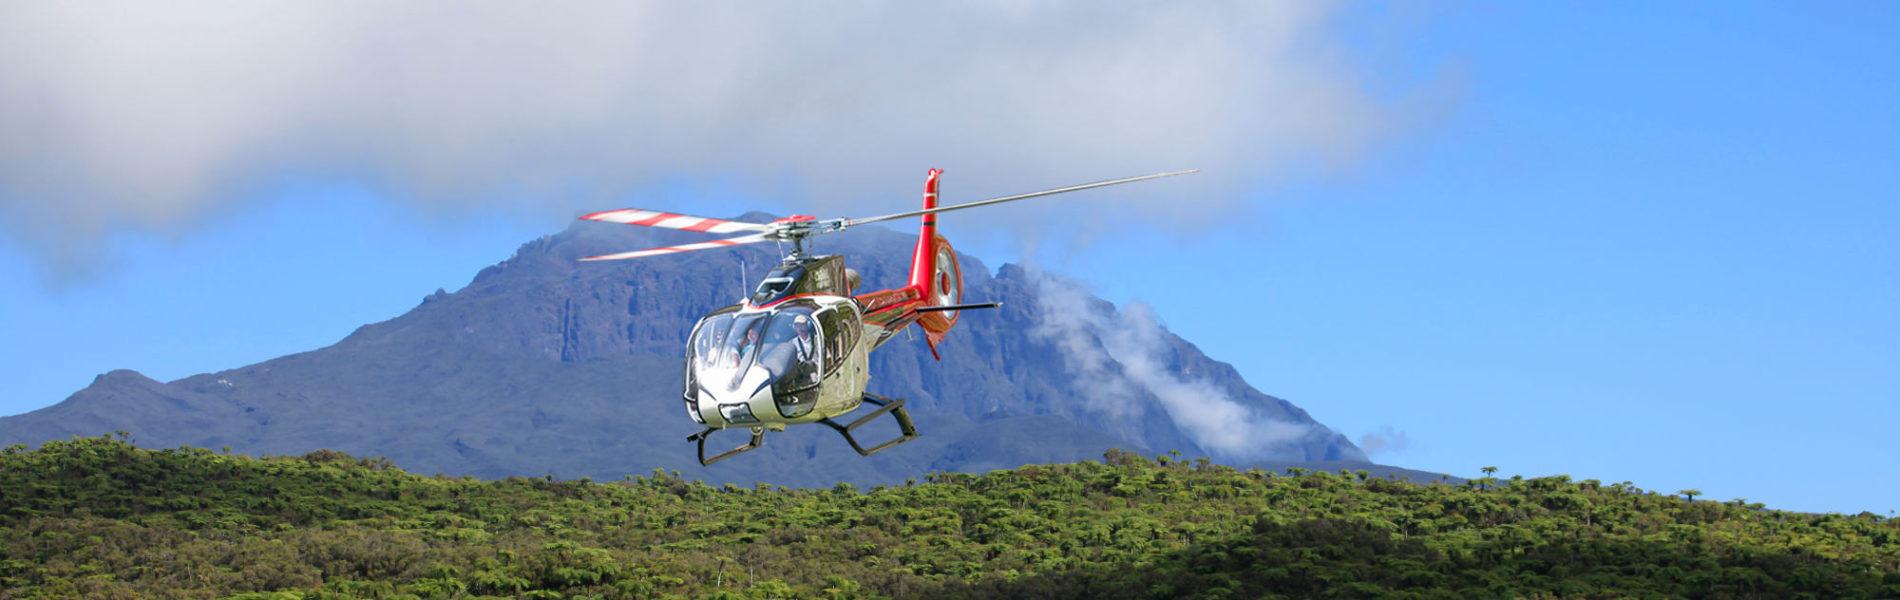 hélicoptère Réunion, vol en hélicoptère